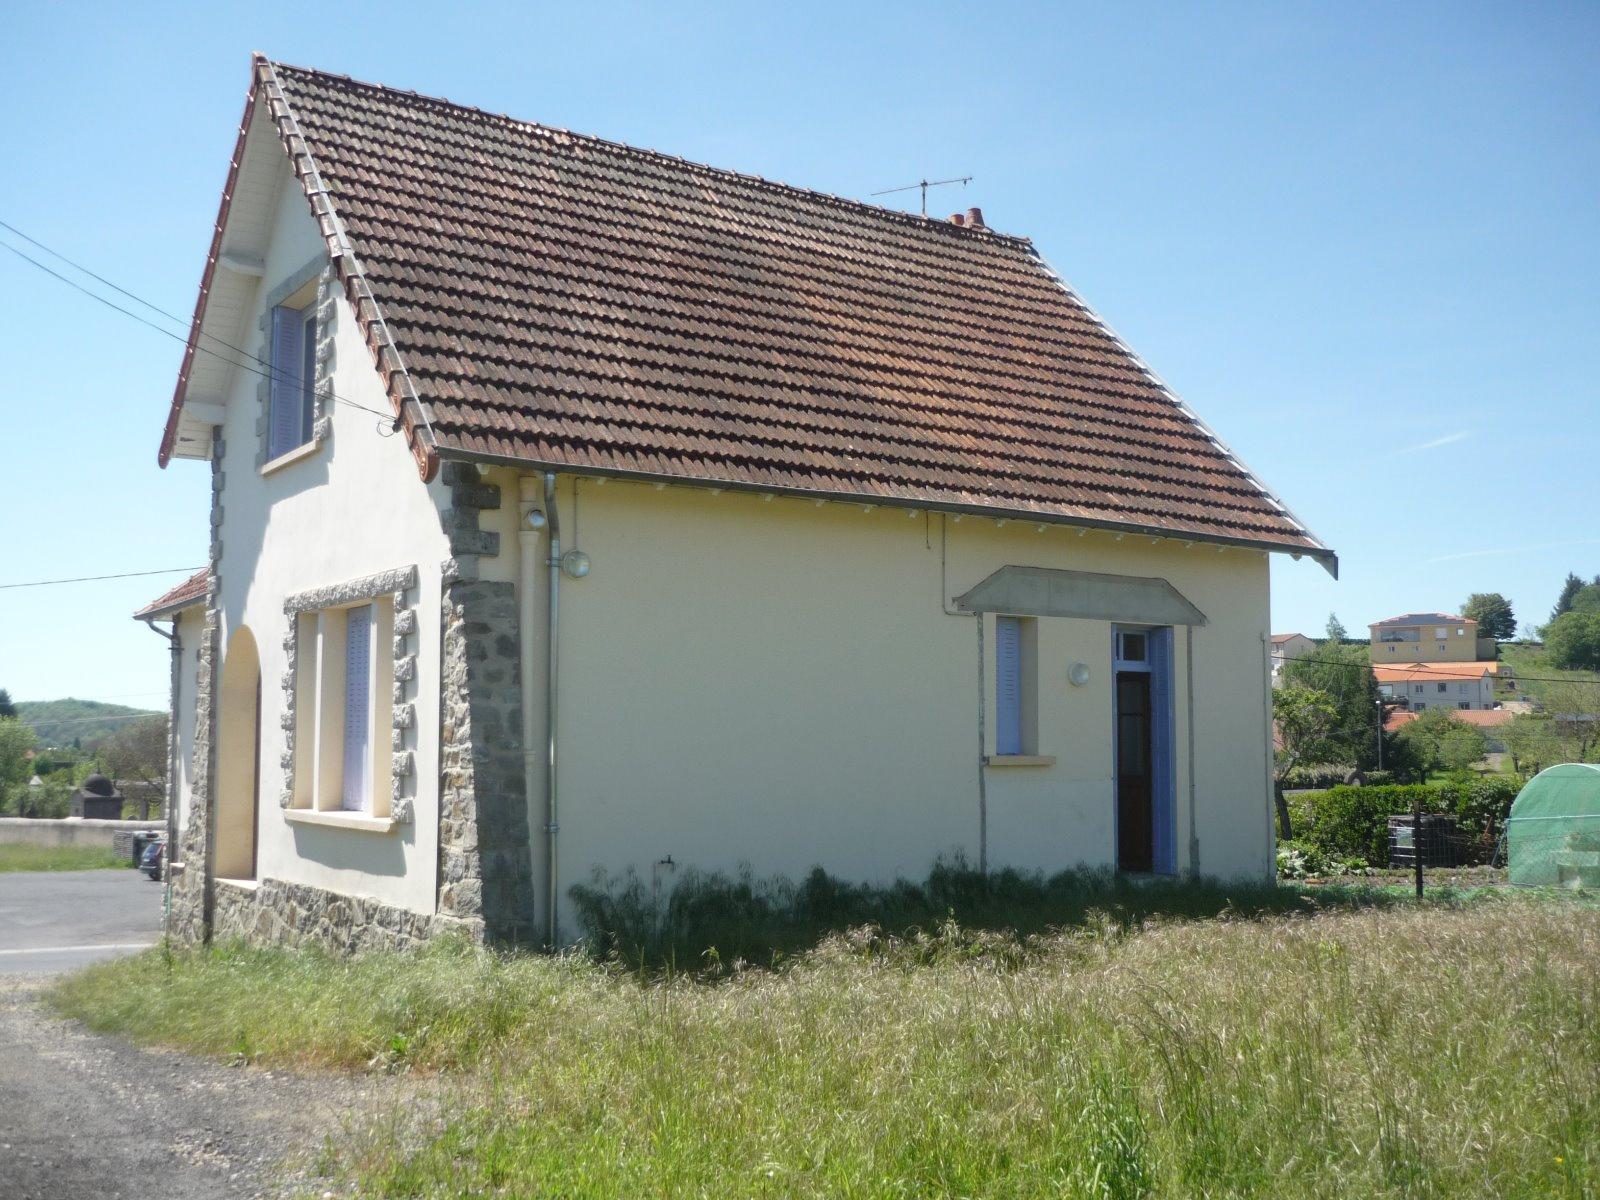 Vente maison d 39 habitation brassac les mines for Vente habitation